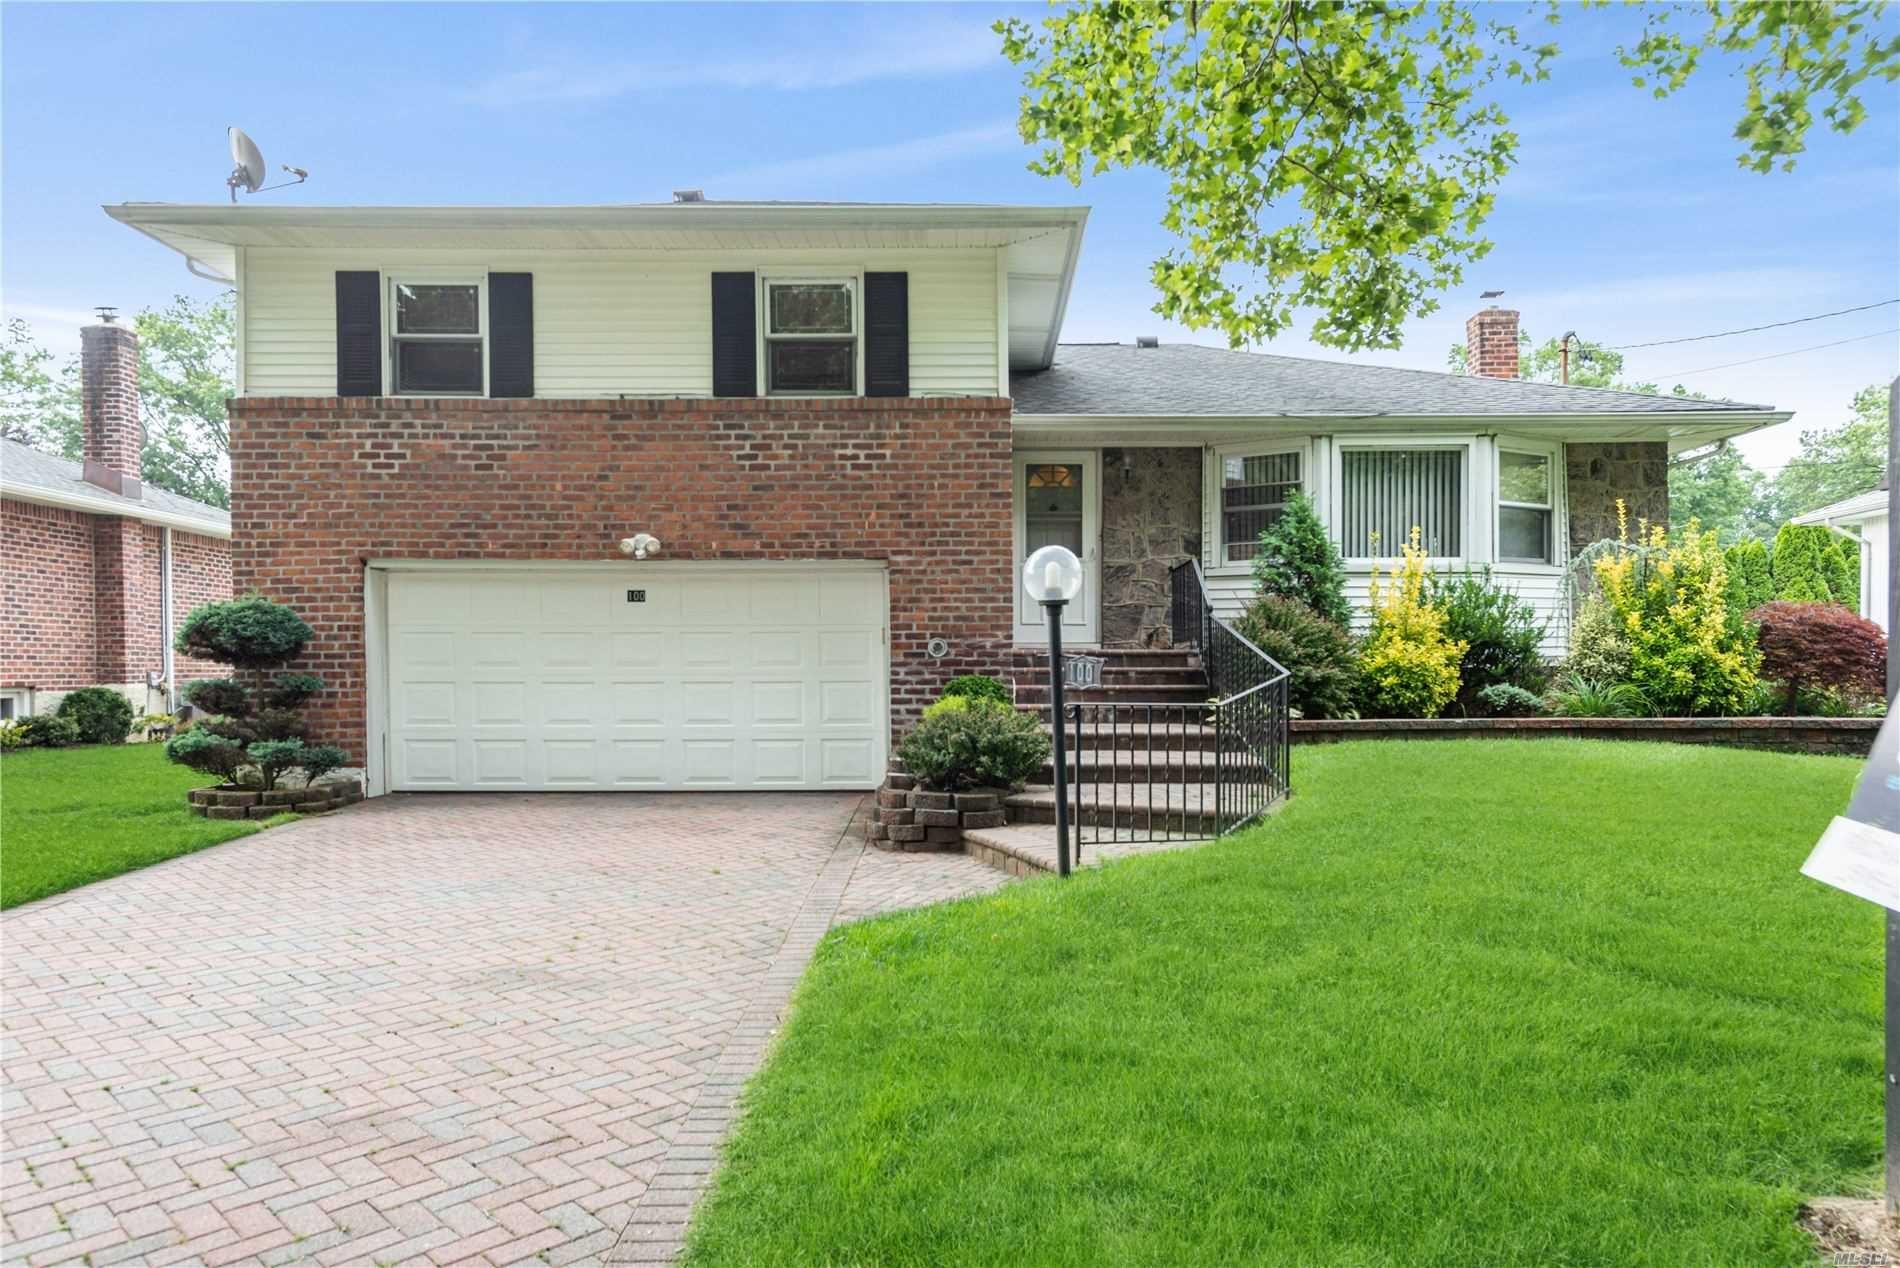 100 N Stratford, Roslyn Heights, NY 11577 - MLS#: 3229674